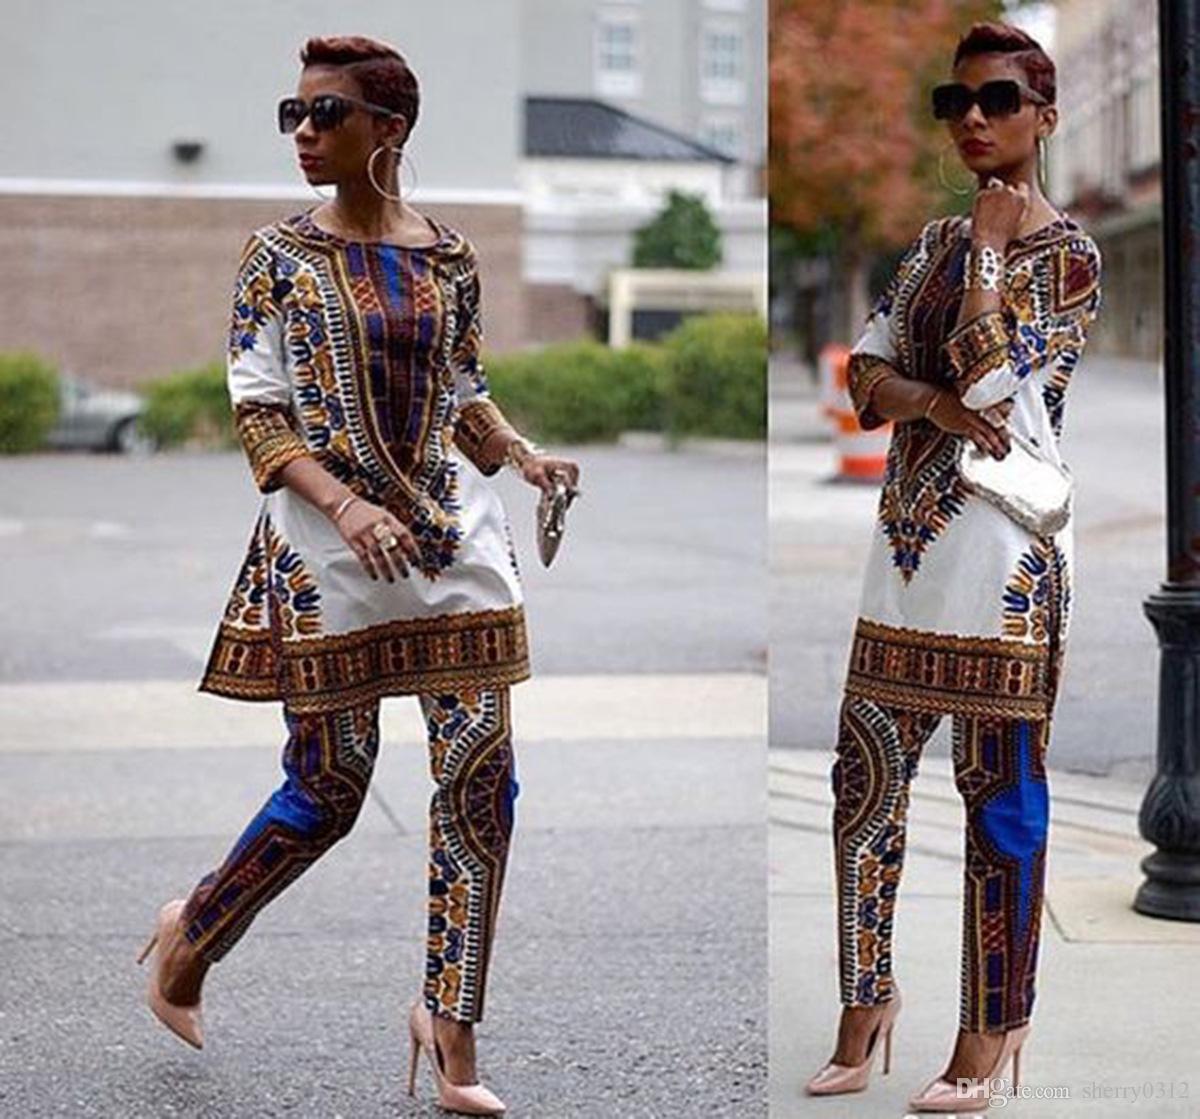 Acquista 2016 New African Fashion Design Vestito Tute Da Donna Tradizionale  Stampa Dashiki Nazionale Mezza Manica Due Pezzi Set Tute S XXXL Big Size A  ... cfbda7aeef9